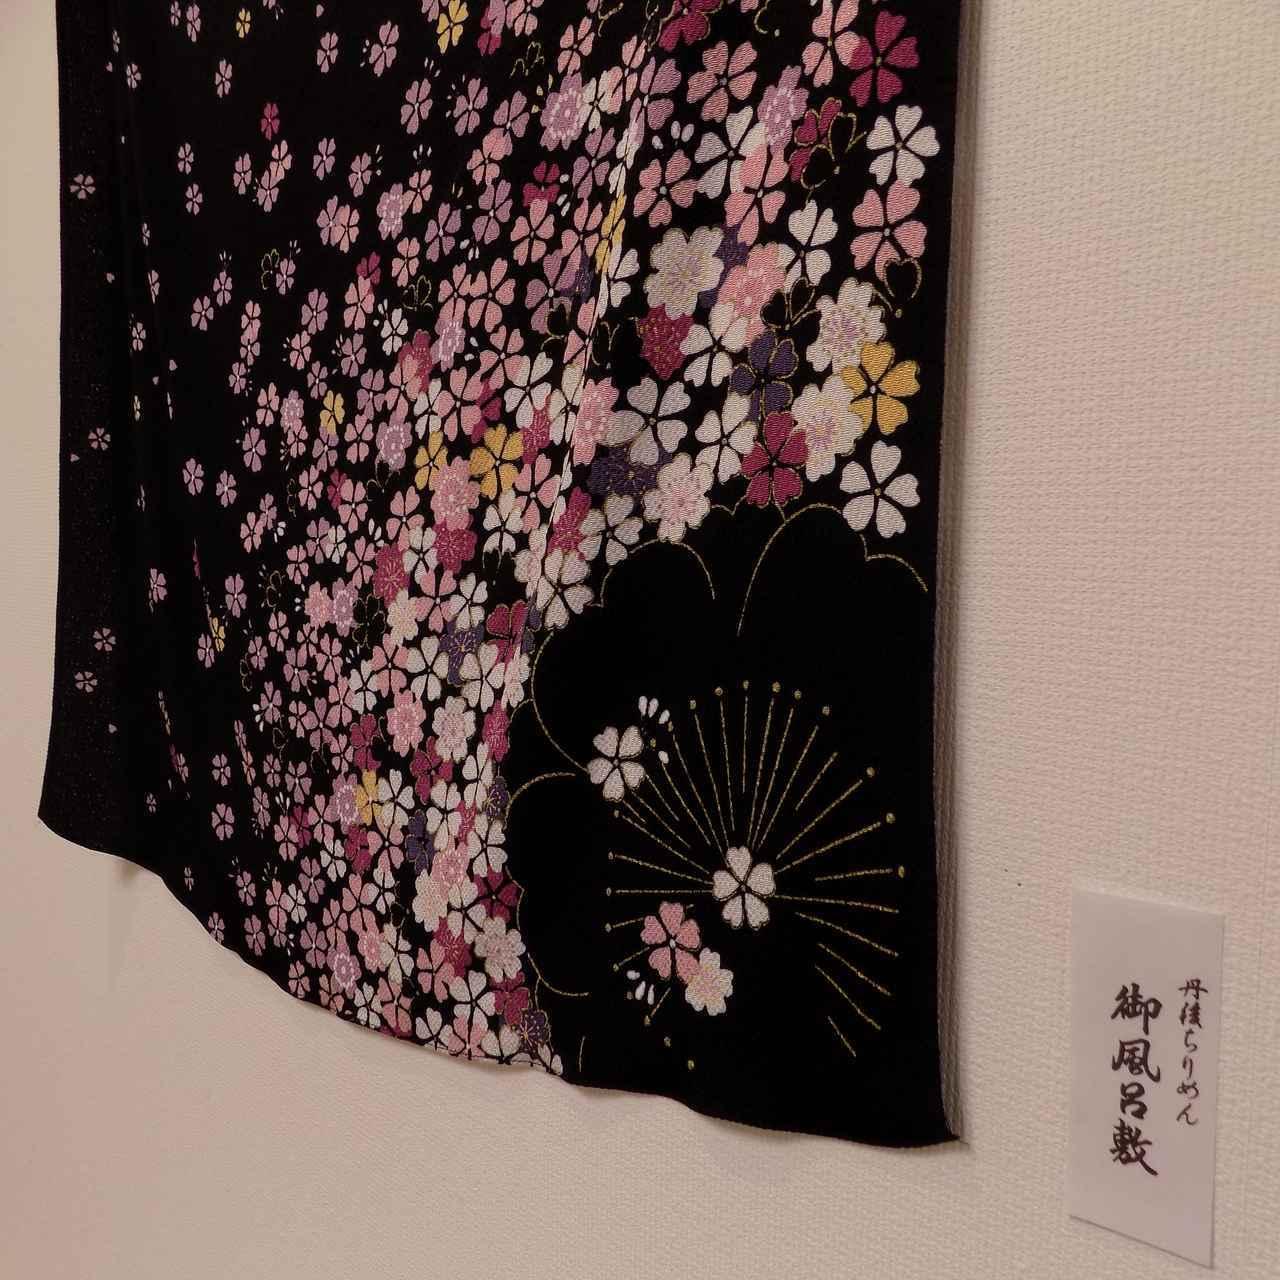 画像1: 旅レク「京都編」